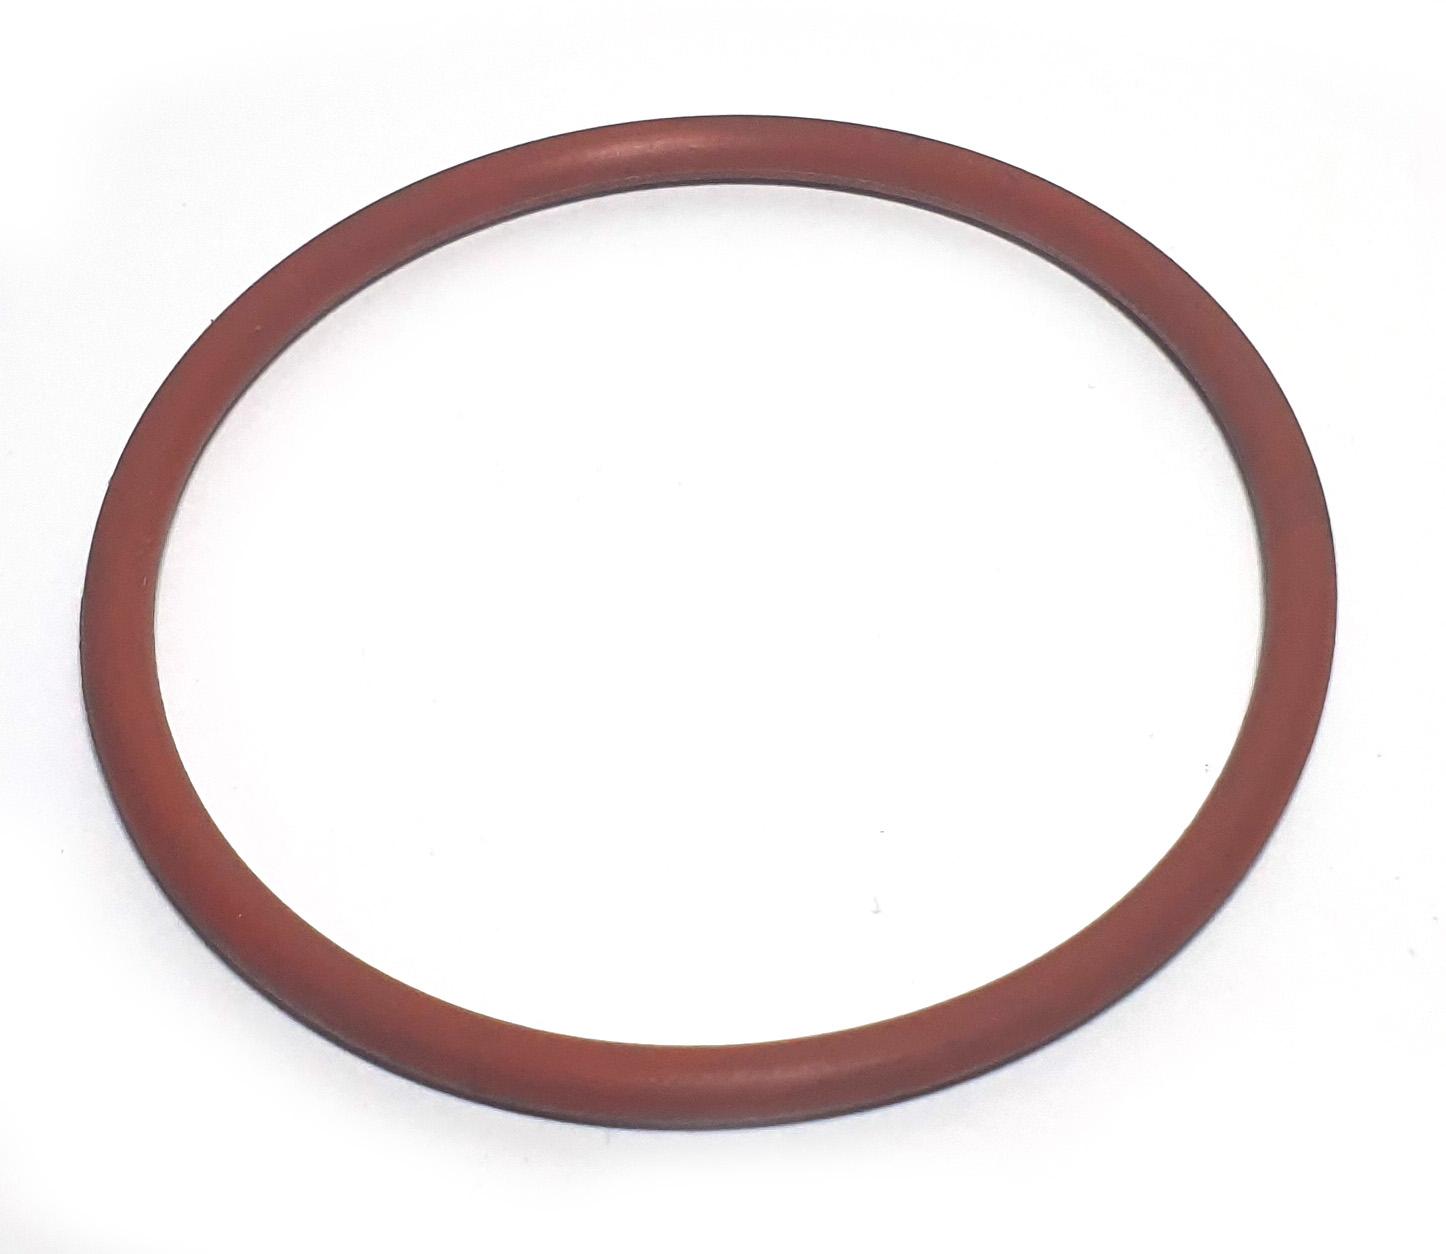 anel de ved bomba d'agua mitsubishi s12h - pn F3156-05000